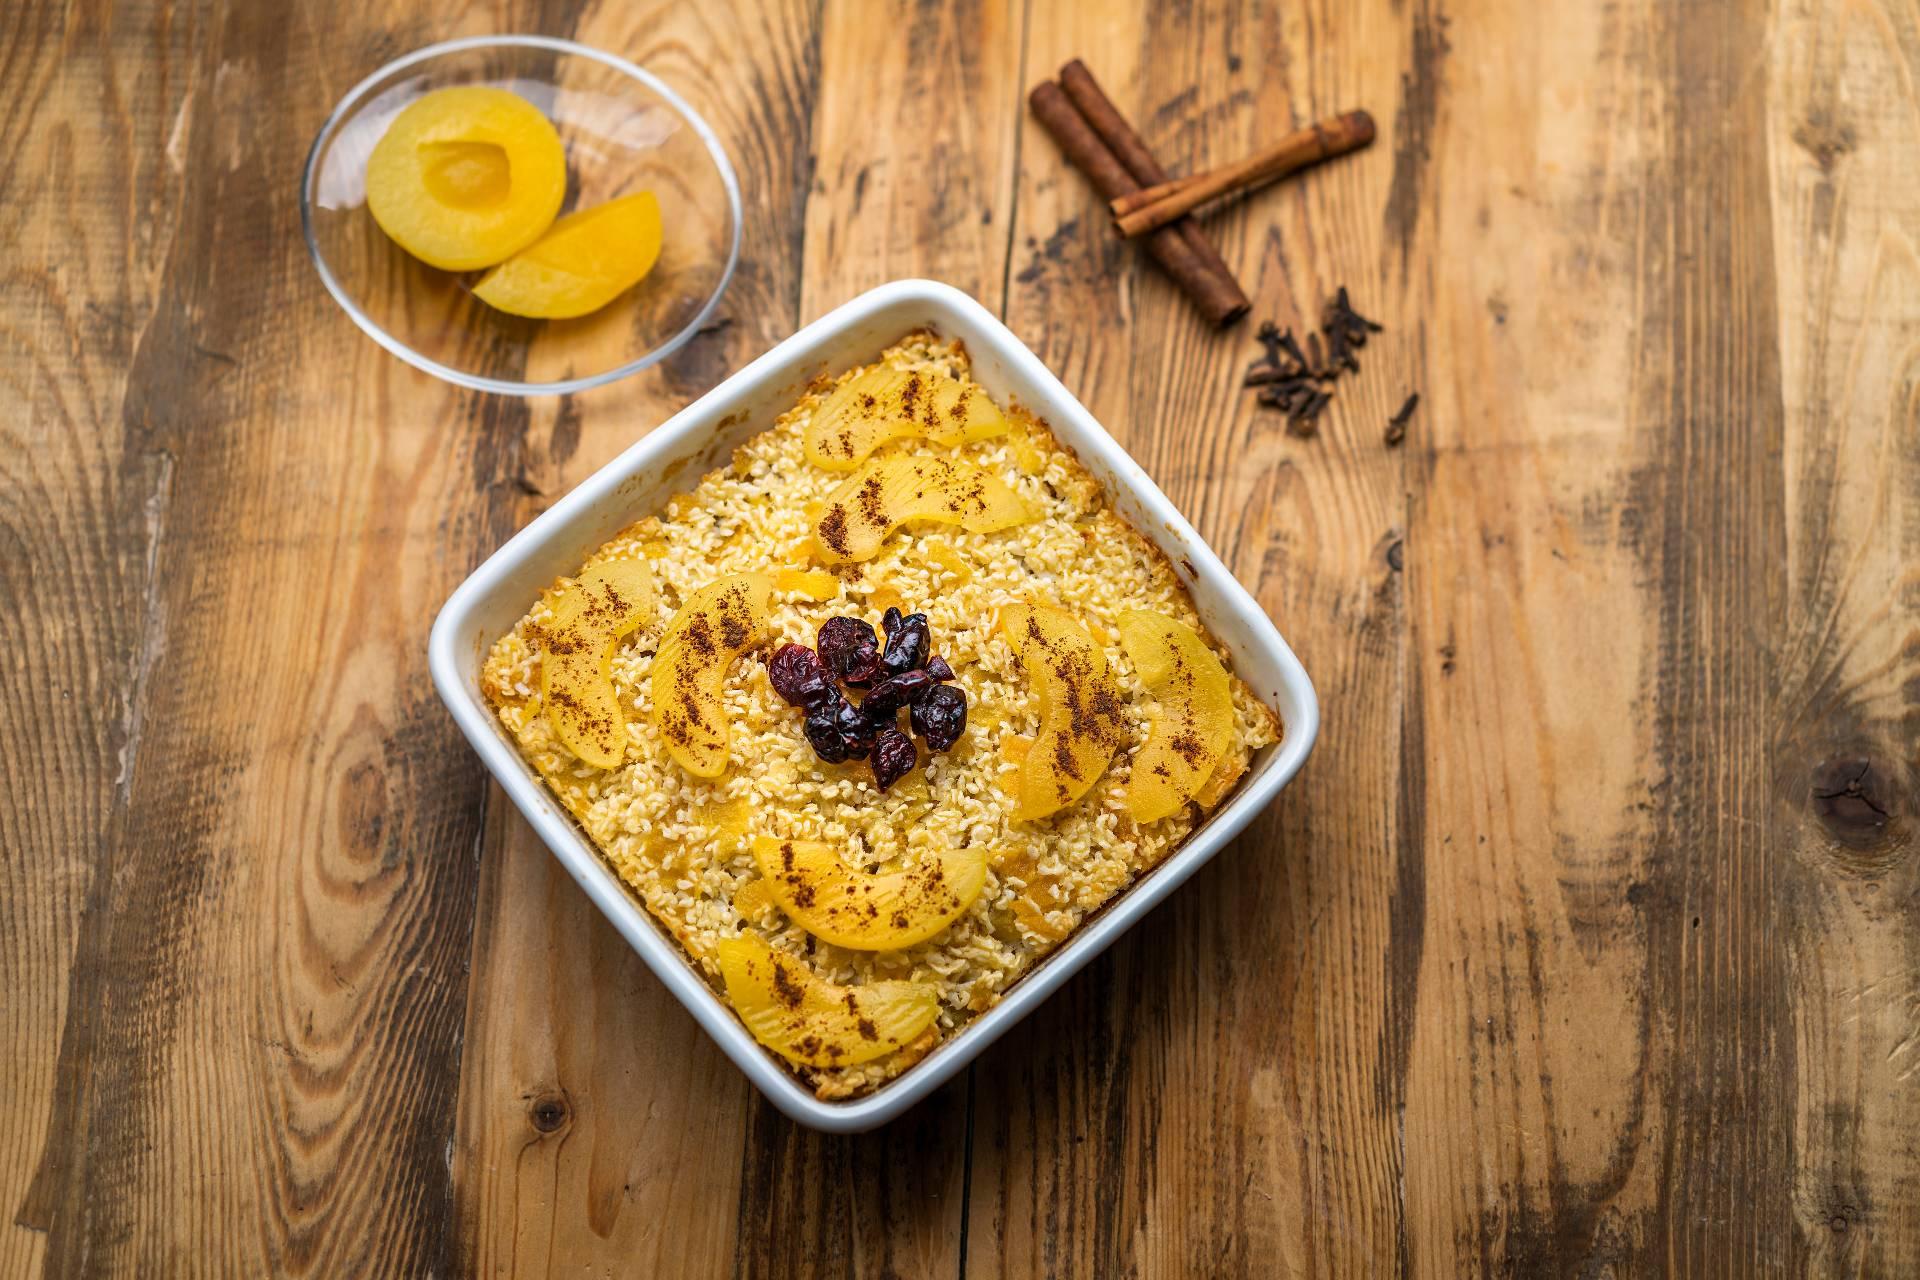 Marhuľový ryžový nákyp s brusnicami a škoricou